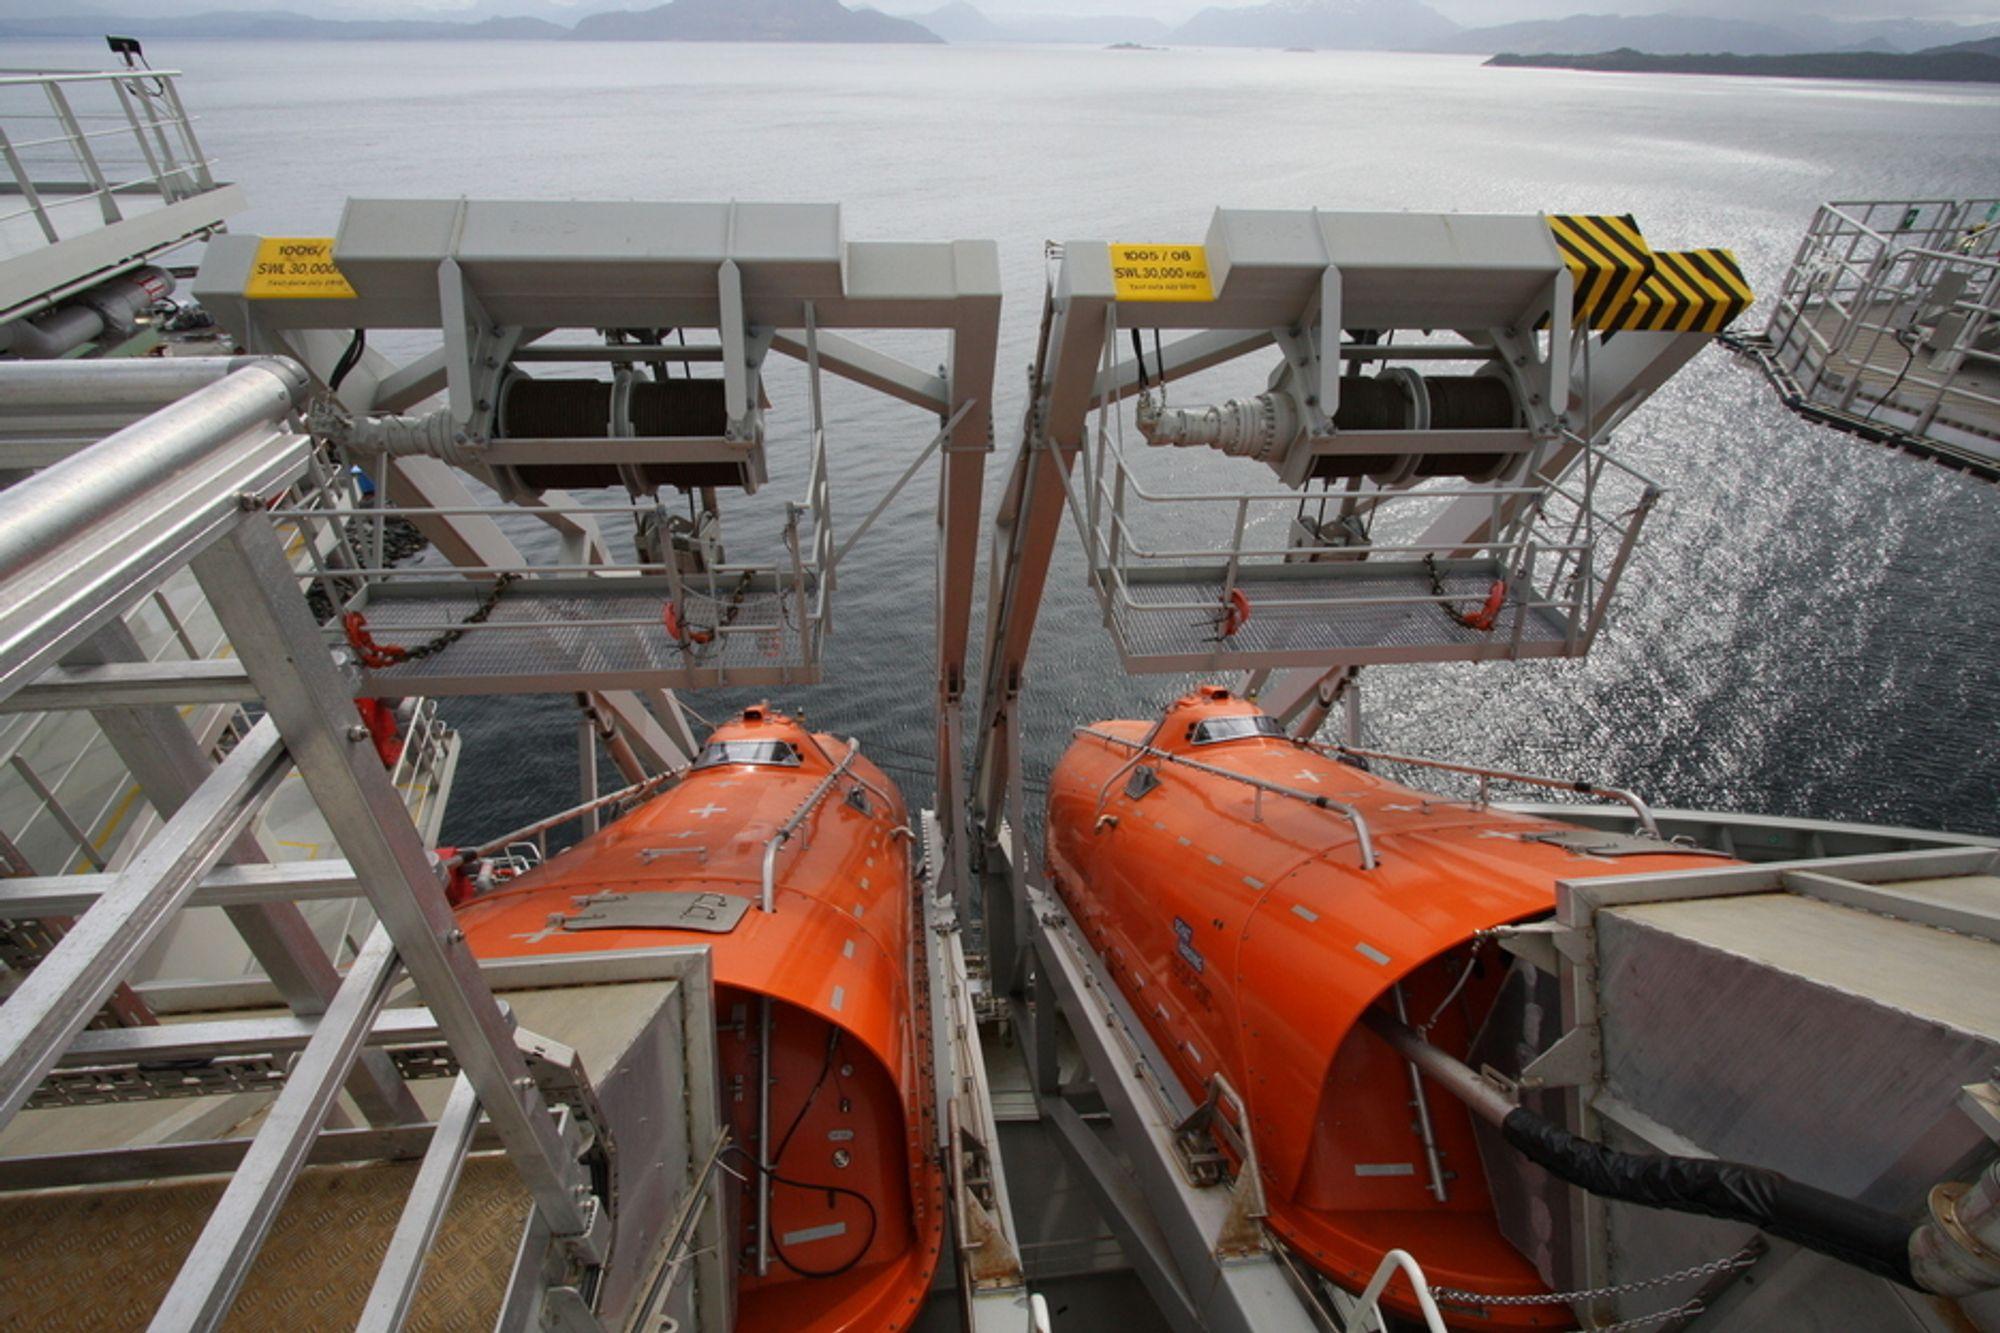 En regelendring kan gjøre at samtlige livbåter på norsk sokkel må byttes. Det er uaktuelt, sier Statoil. (Illustrasjonsfoto)